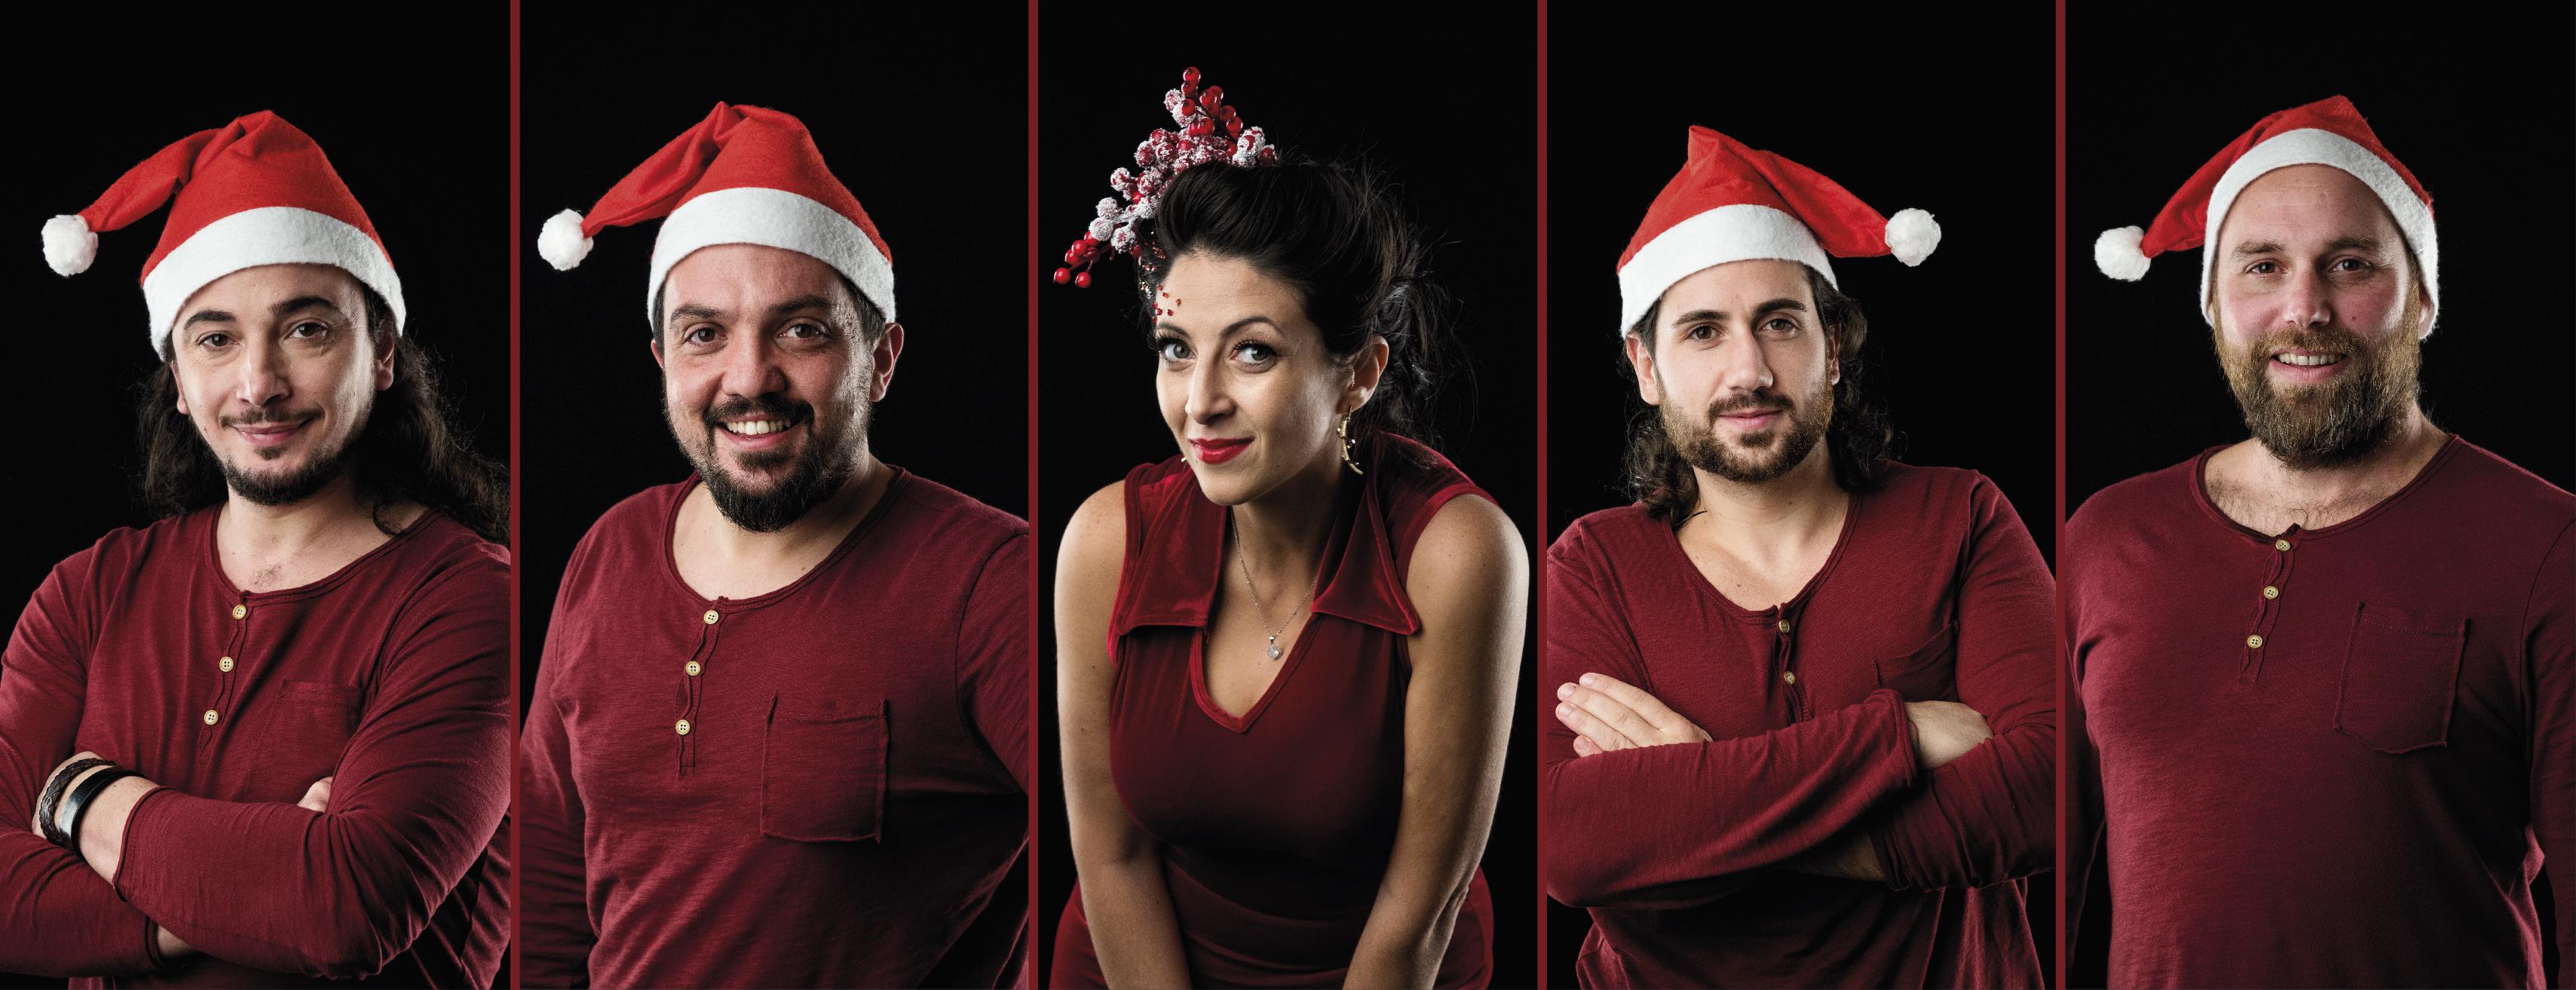 Jingle Bells, in uscita oggi il nuovo singolo dei Patrios realizzato con l'Isernia Gospel Choir.